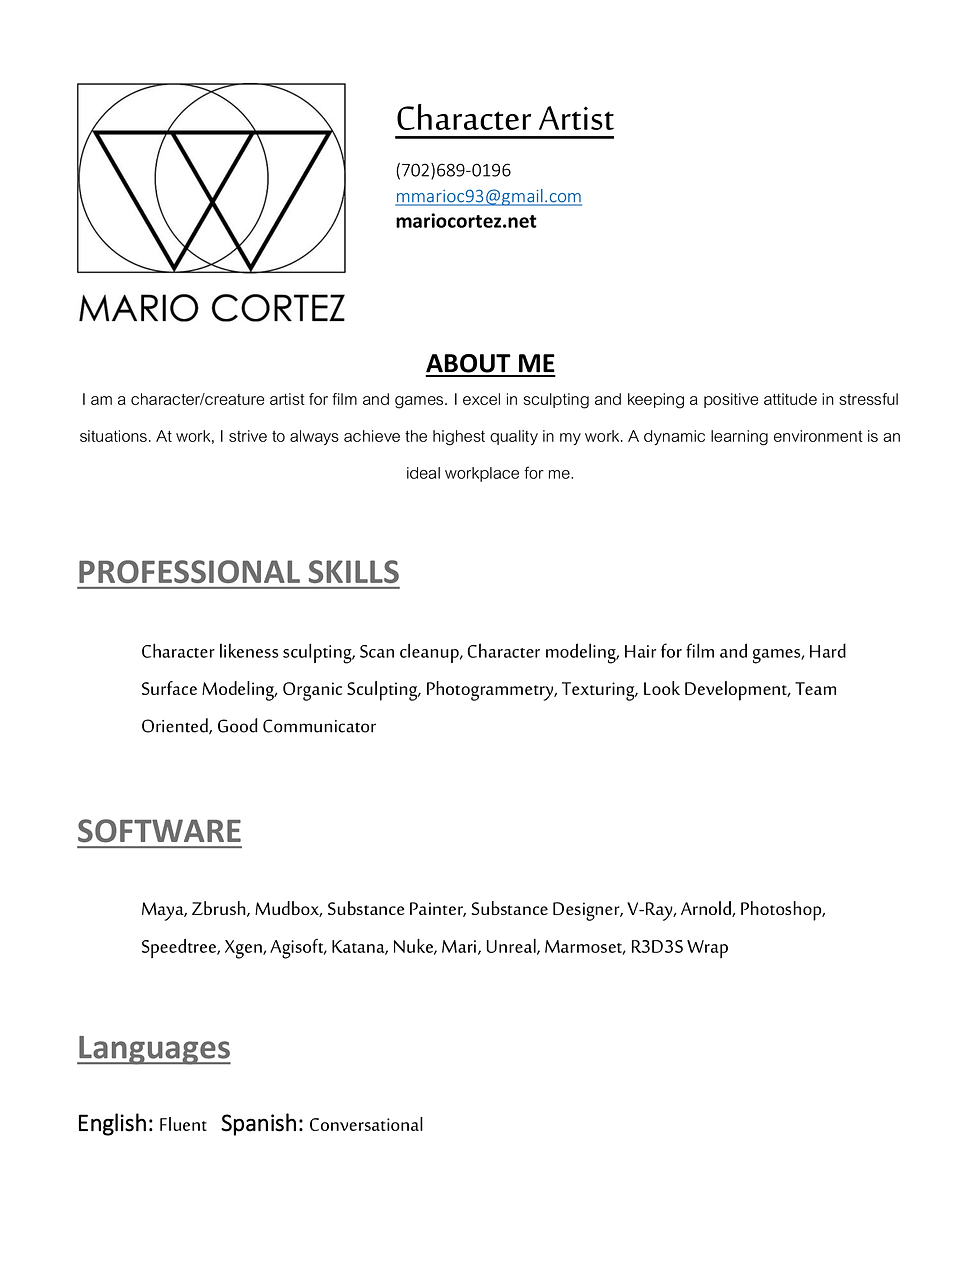 MarioCortez Resume Nov 2020 page1.png